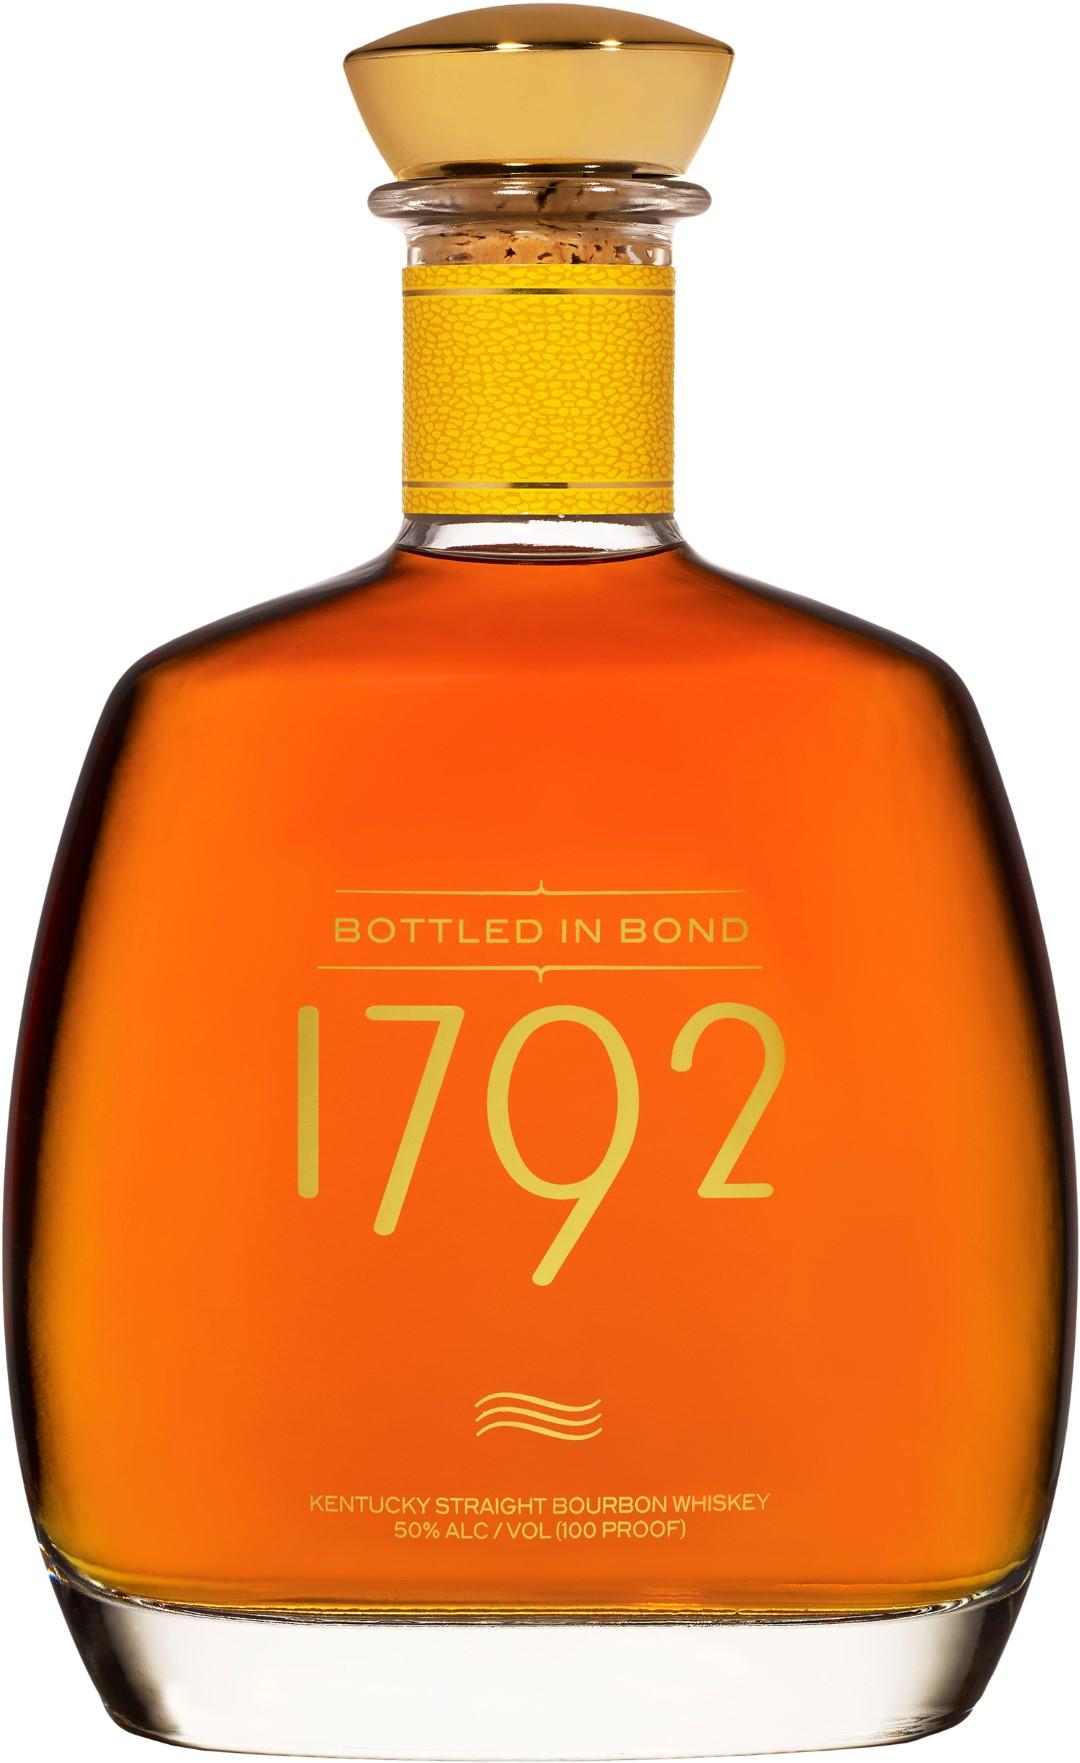 1792 Bottled-in-Bond Bourbon